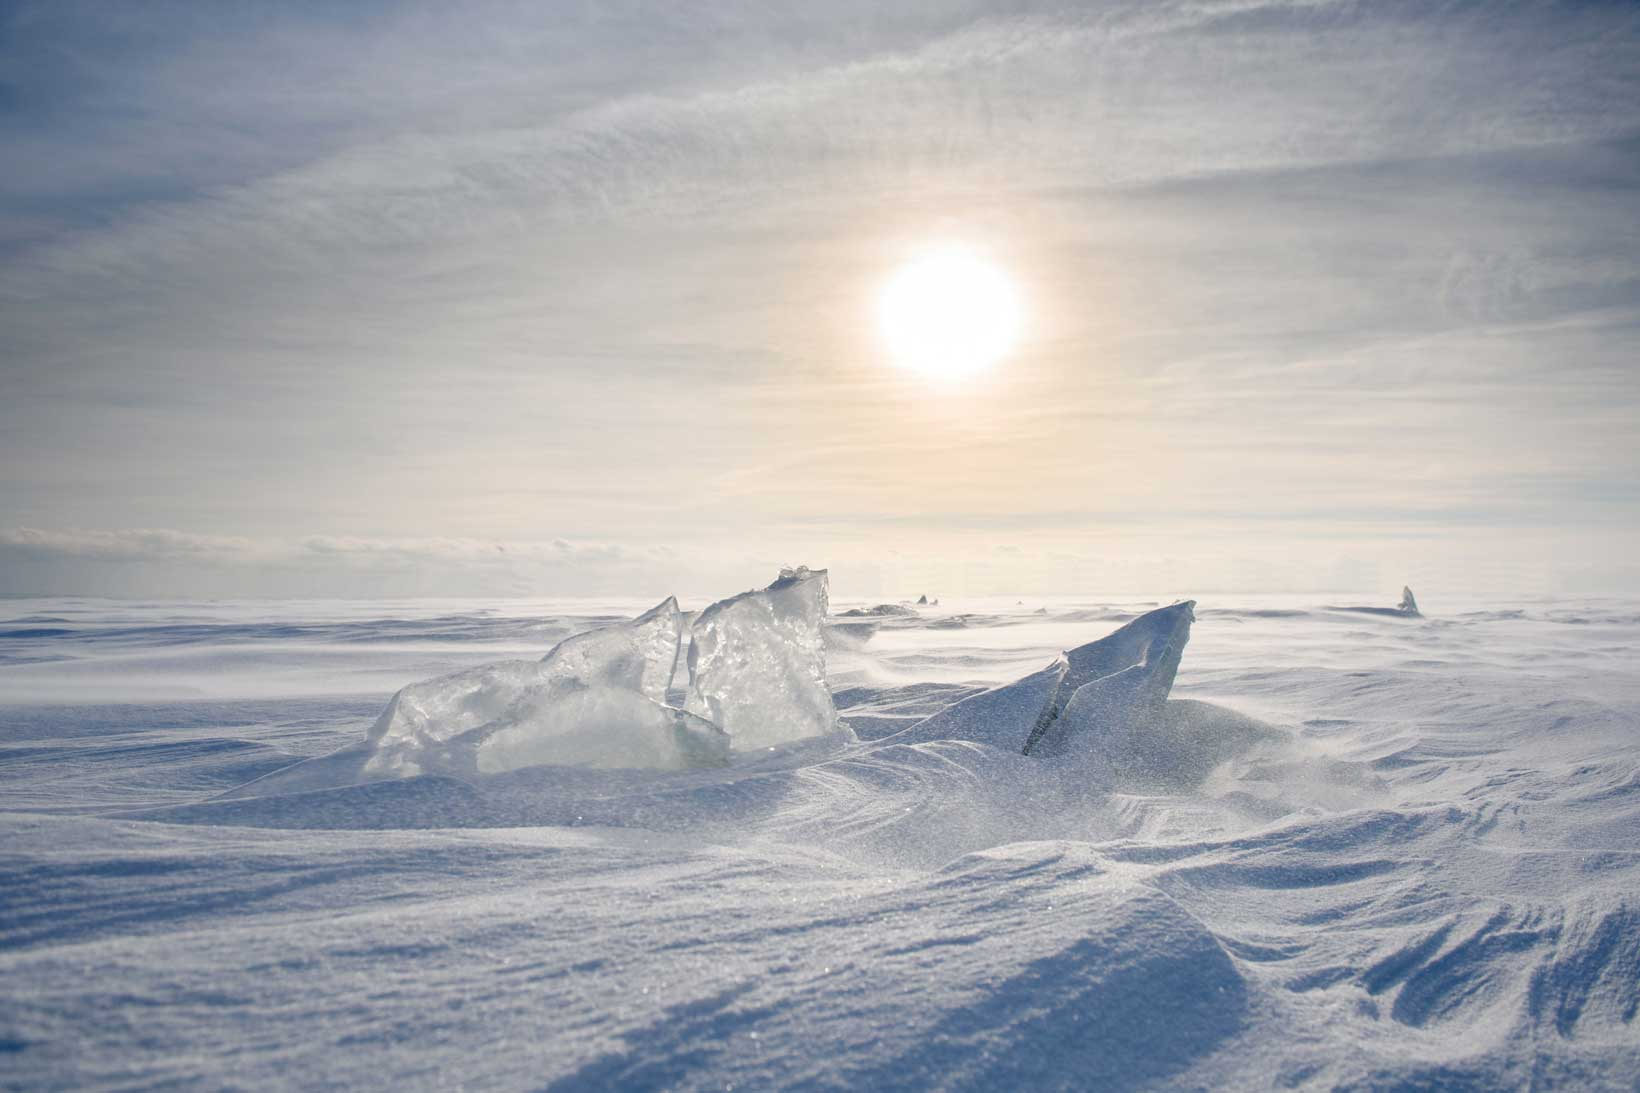 Icy frozen landscape